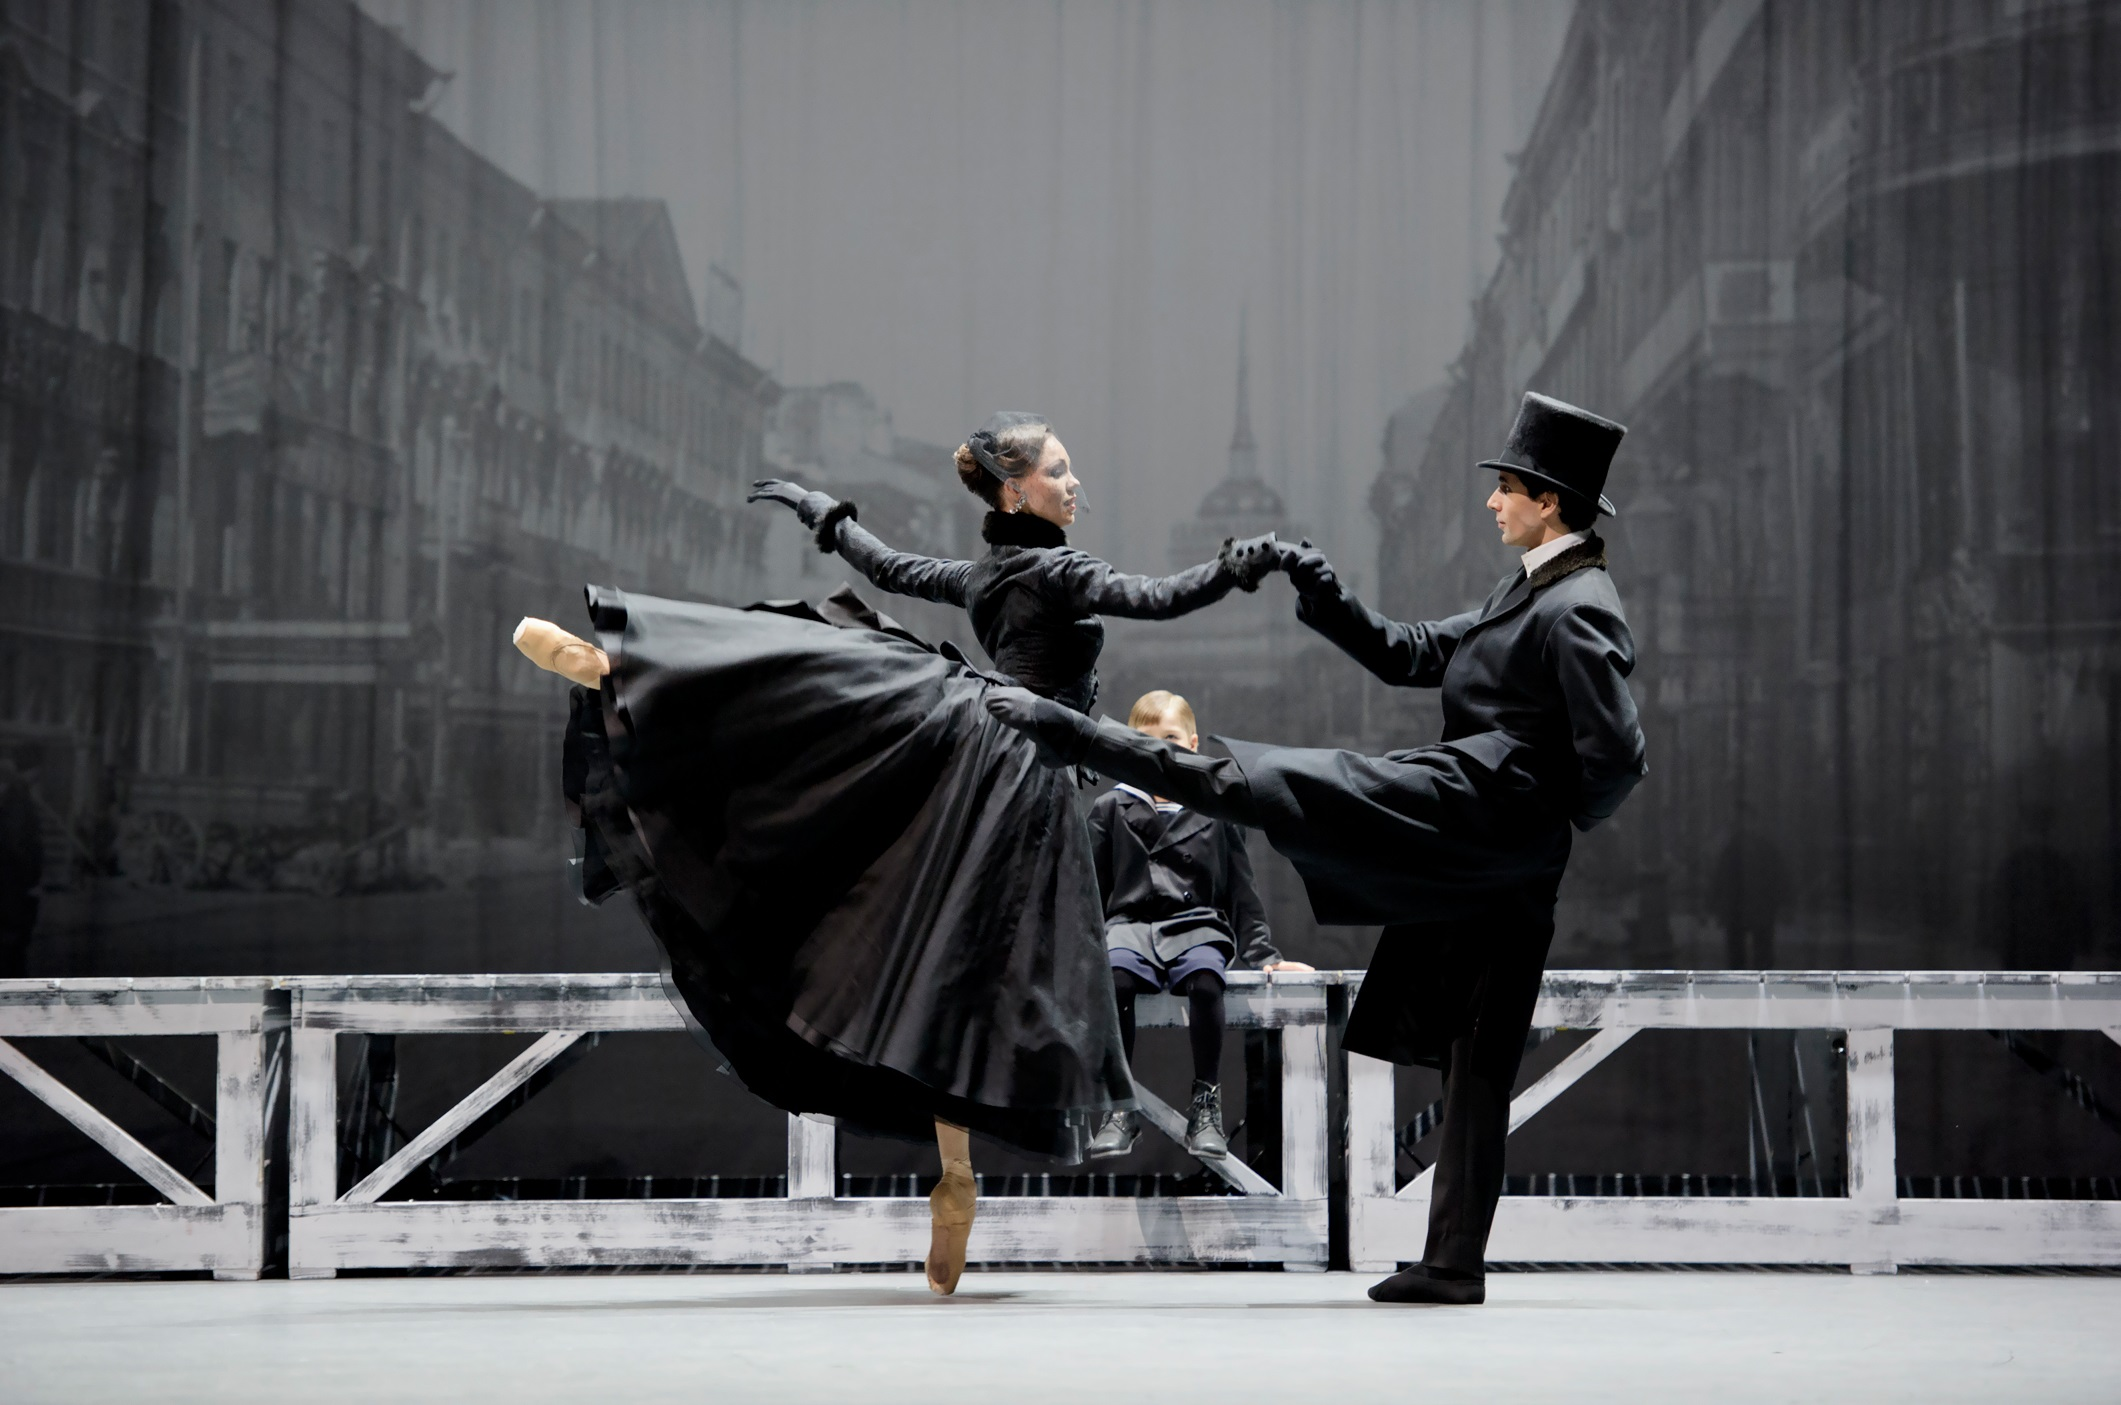 anna_karenina_ballet_zurich_foto-monika_ritterhaus_01